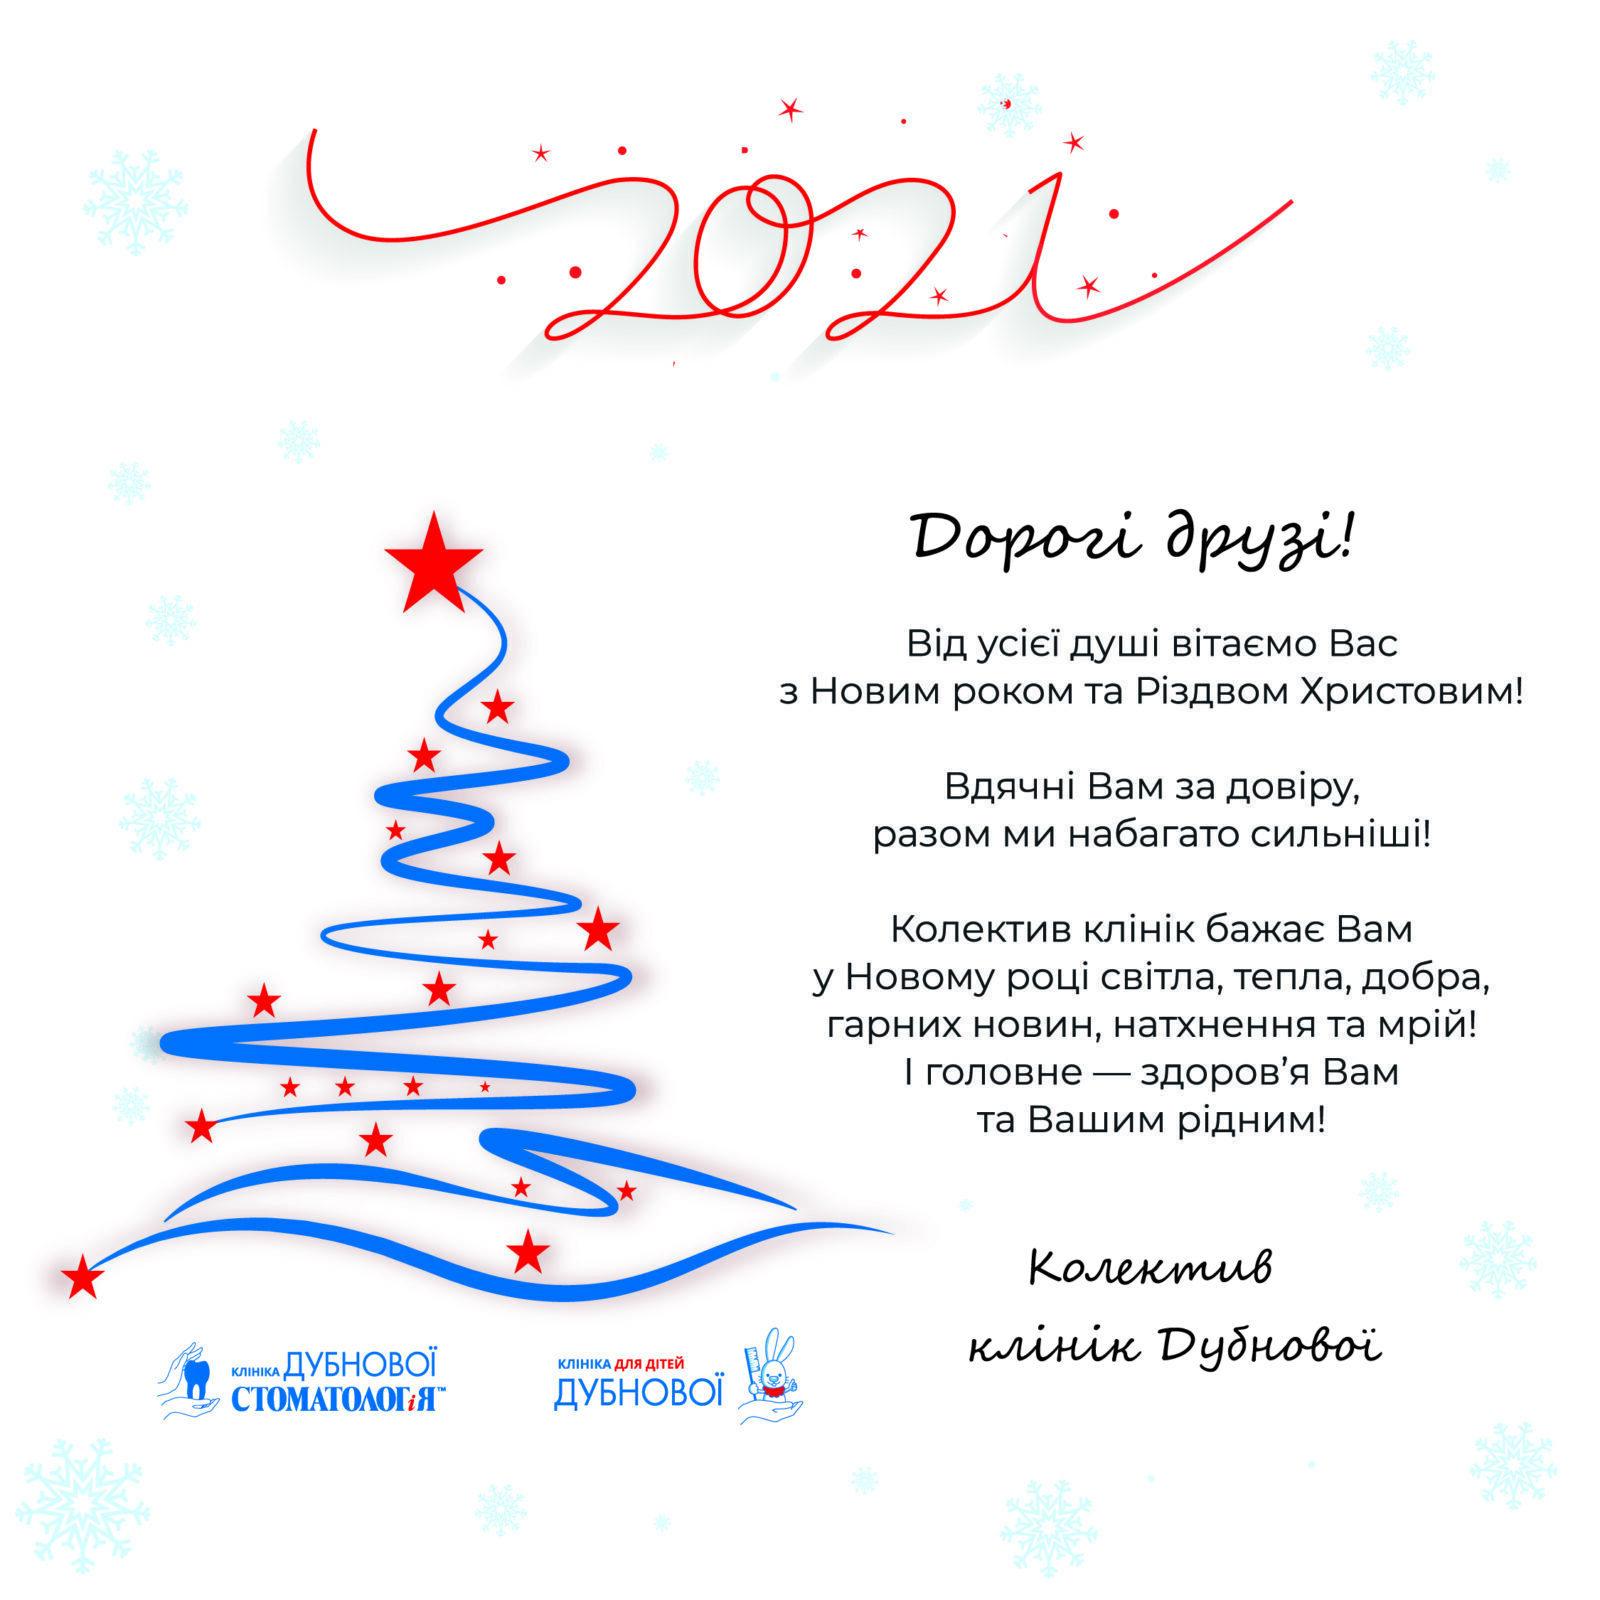 dubn 1080 1080 - Поздравляем с Новым годом и Рождеством